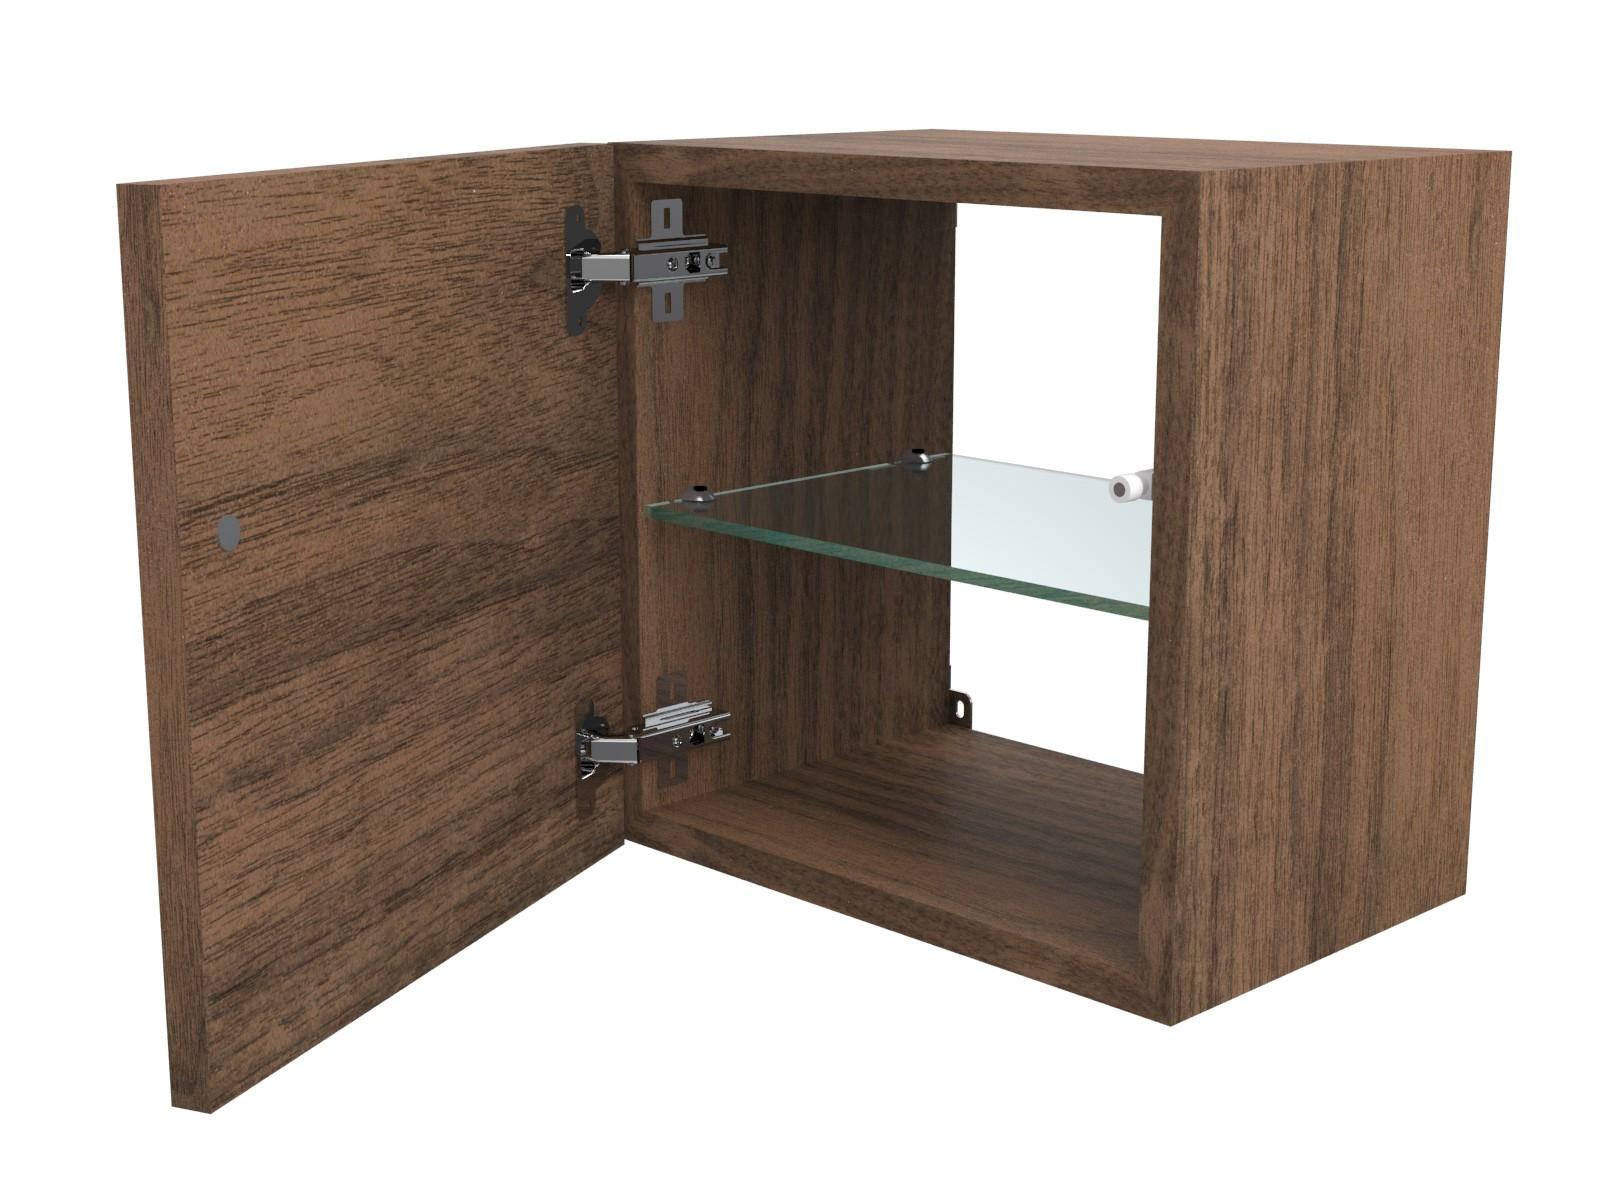 mensola lavabo a g in legno massello su misura spessore 5